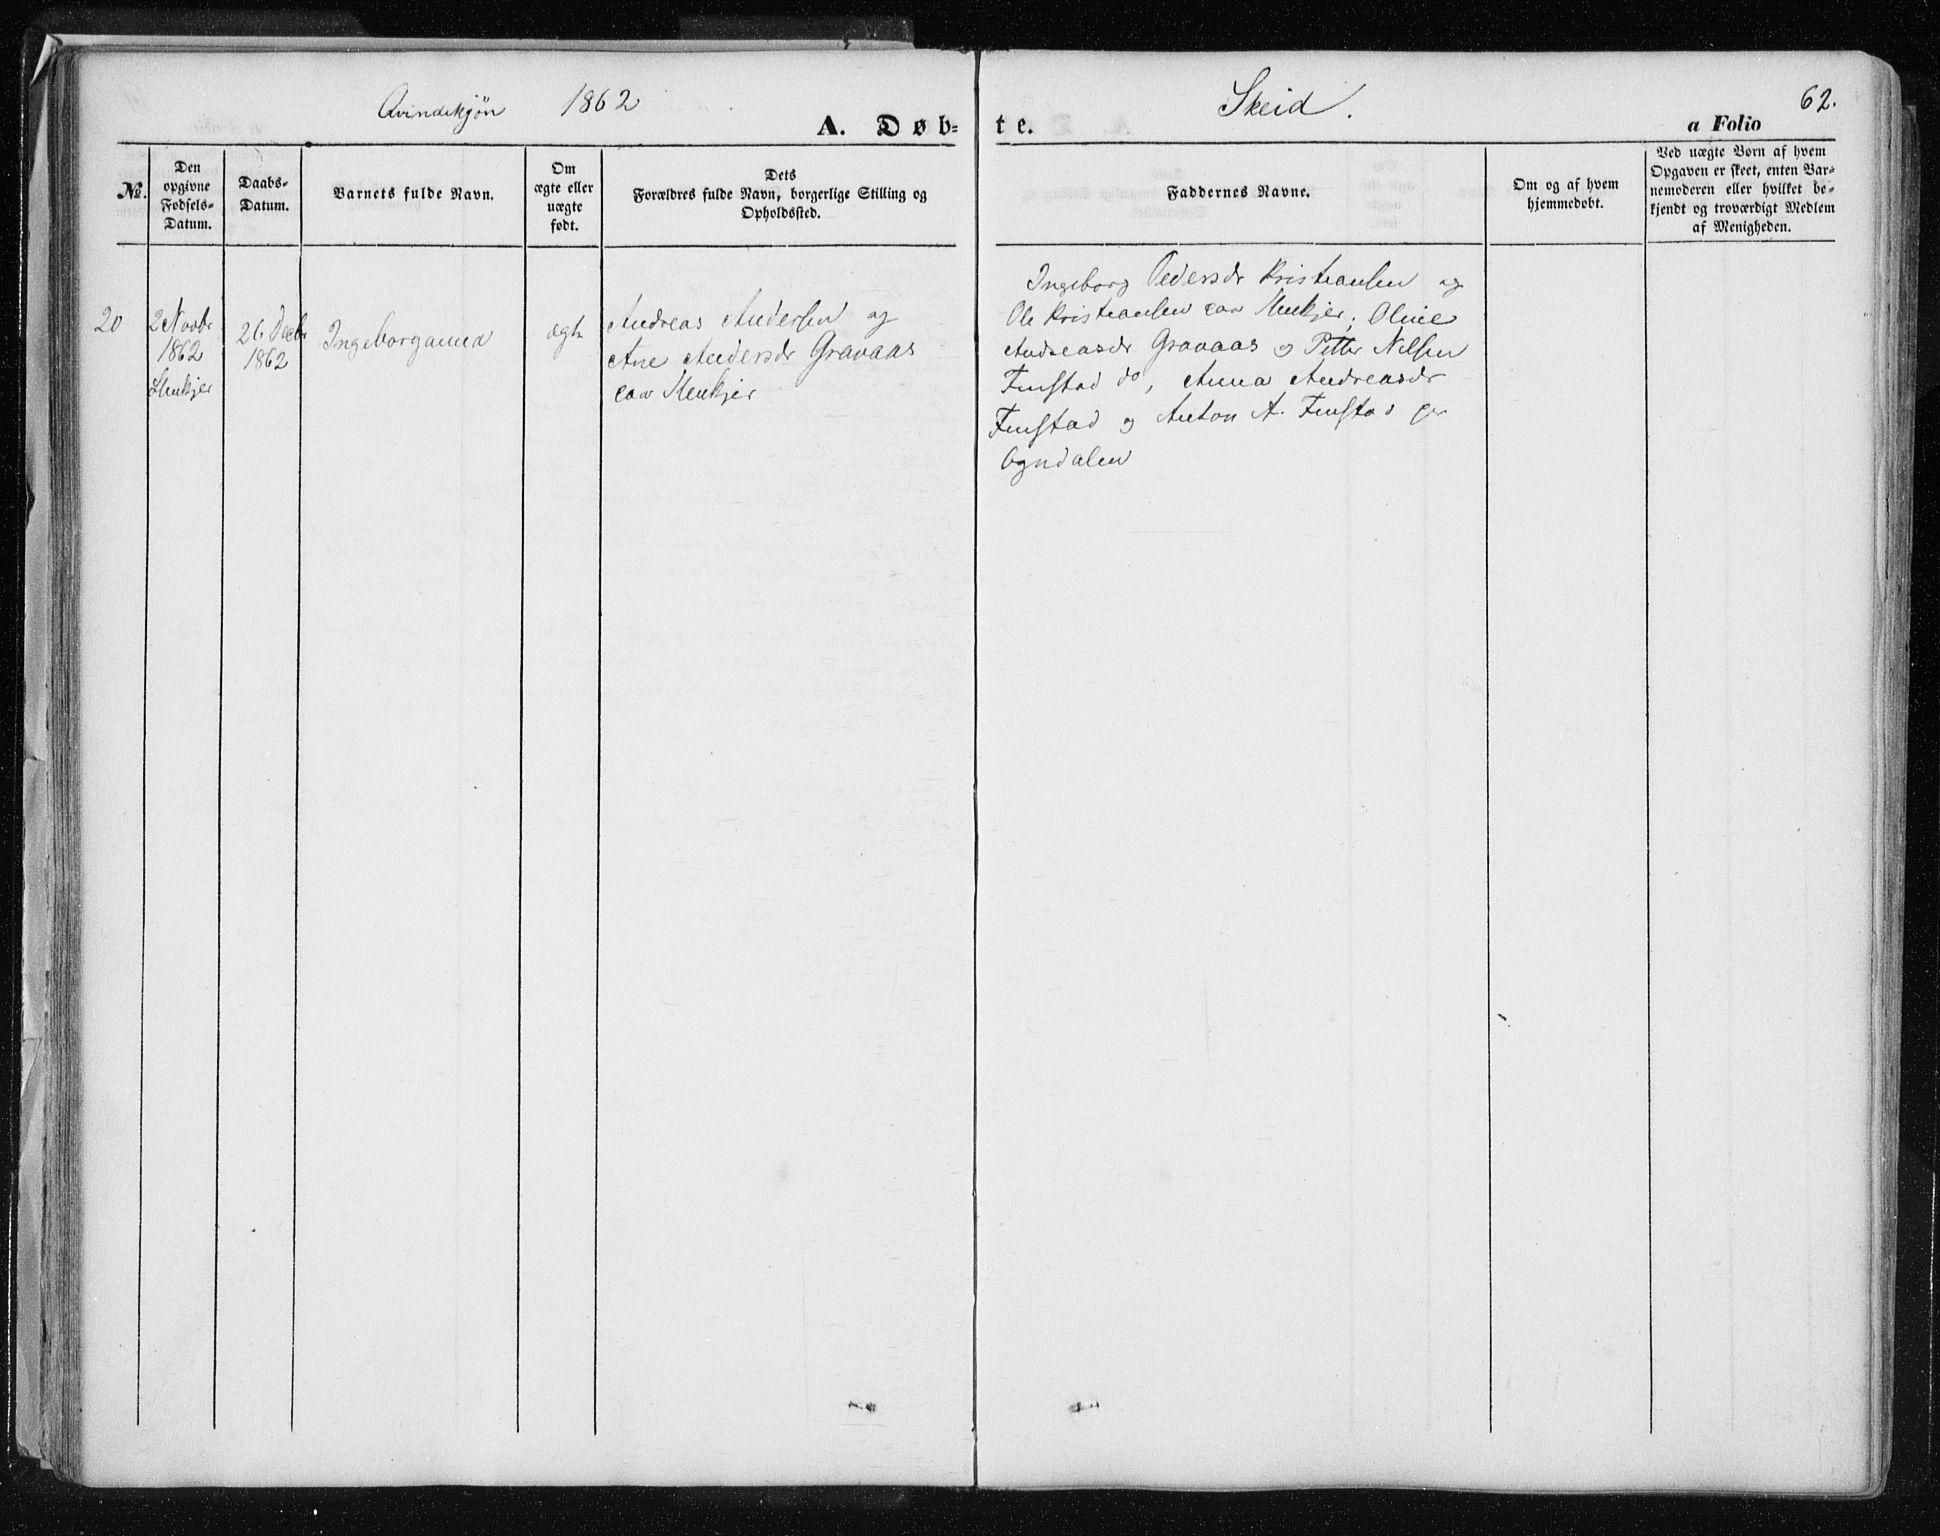 SAT, Ministerialprotokoller, klokkerbøker og fødselsregistre - Nord-Trøndelag, 735/L0342: Parish register (official) no. 735A07 /2, 1849-1862, p. 62